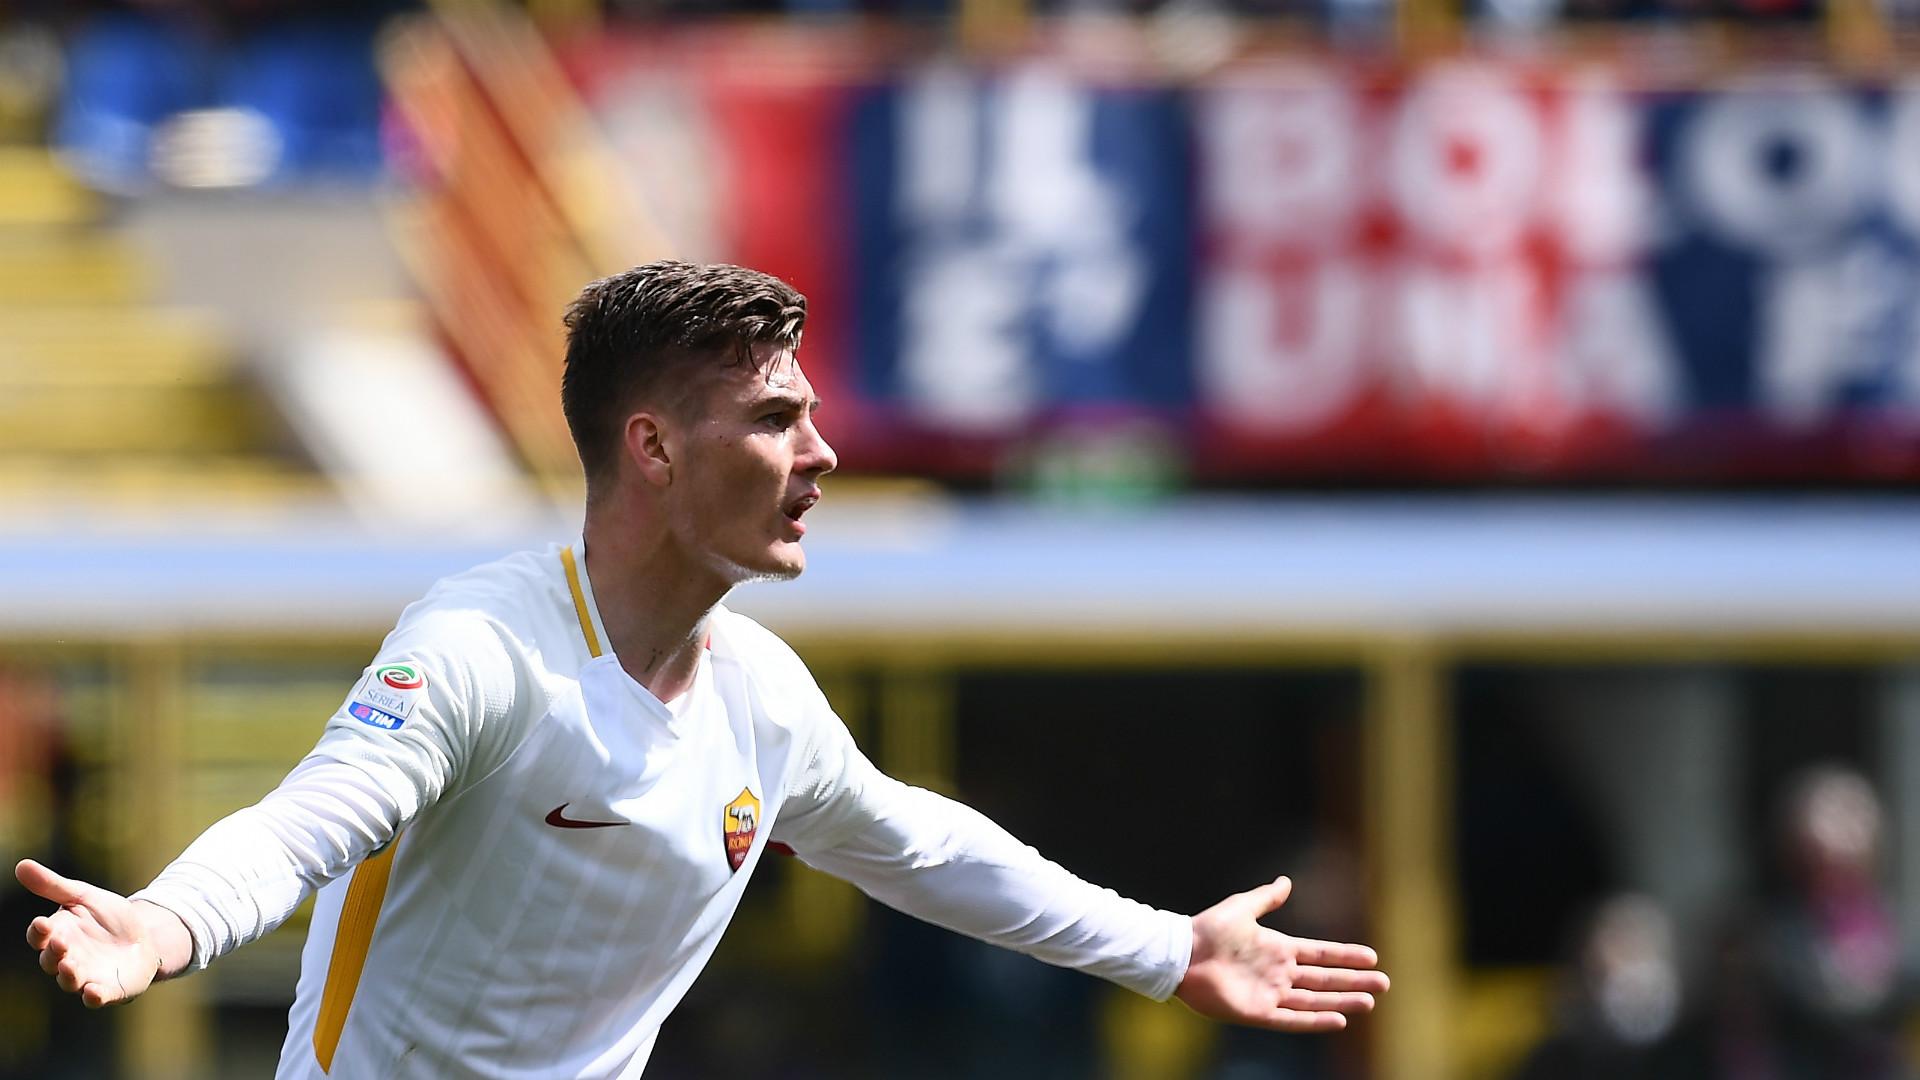 Calciomercato Roma: Under e Schick non sono cedibili